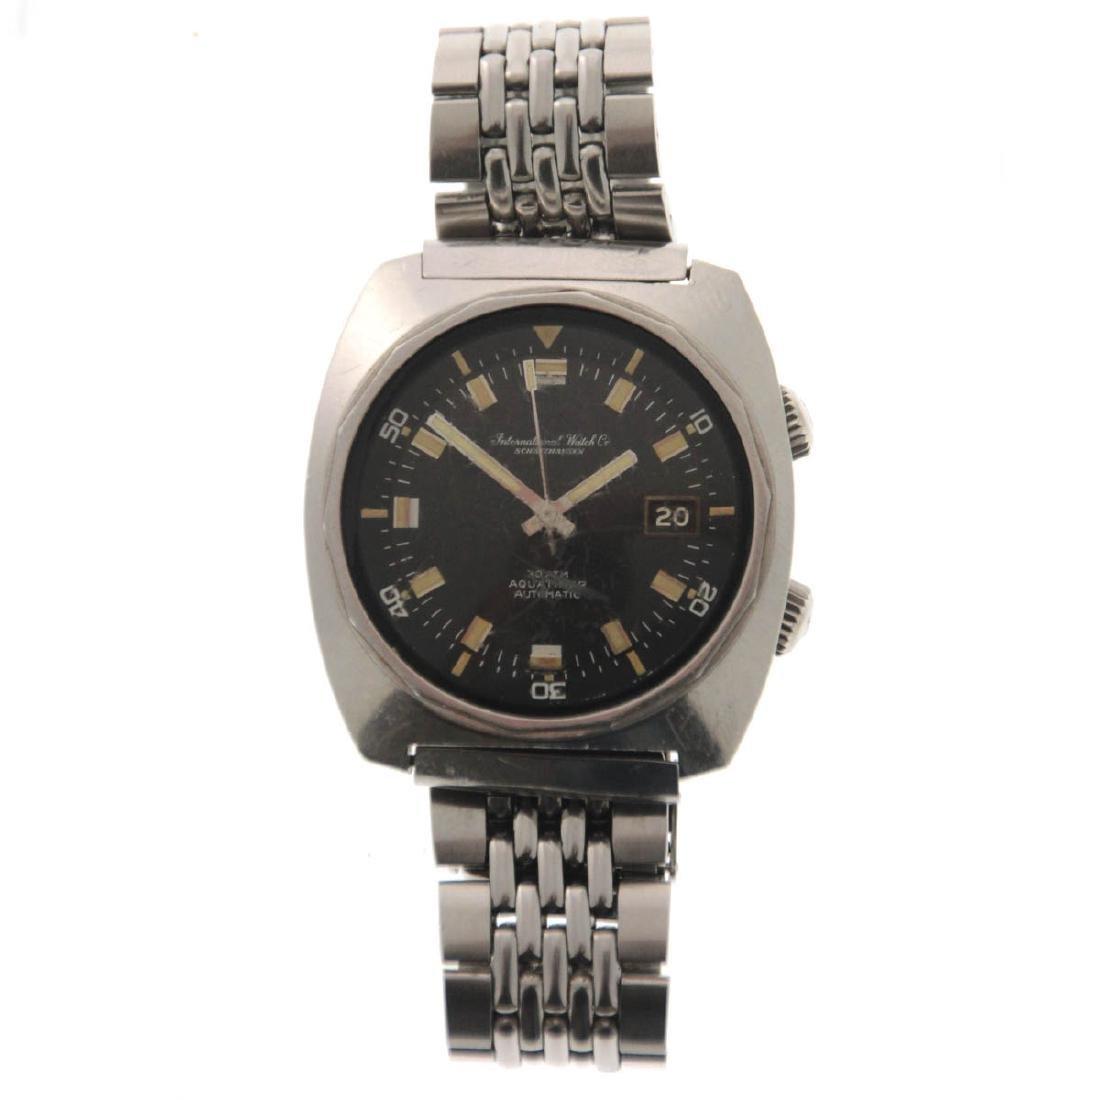 Rare - Schaffhausen IWC Aquatimer Wrist Watch, 1968.